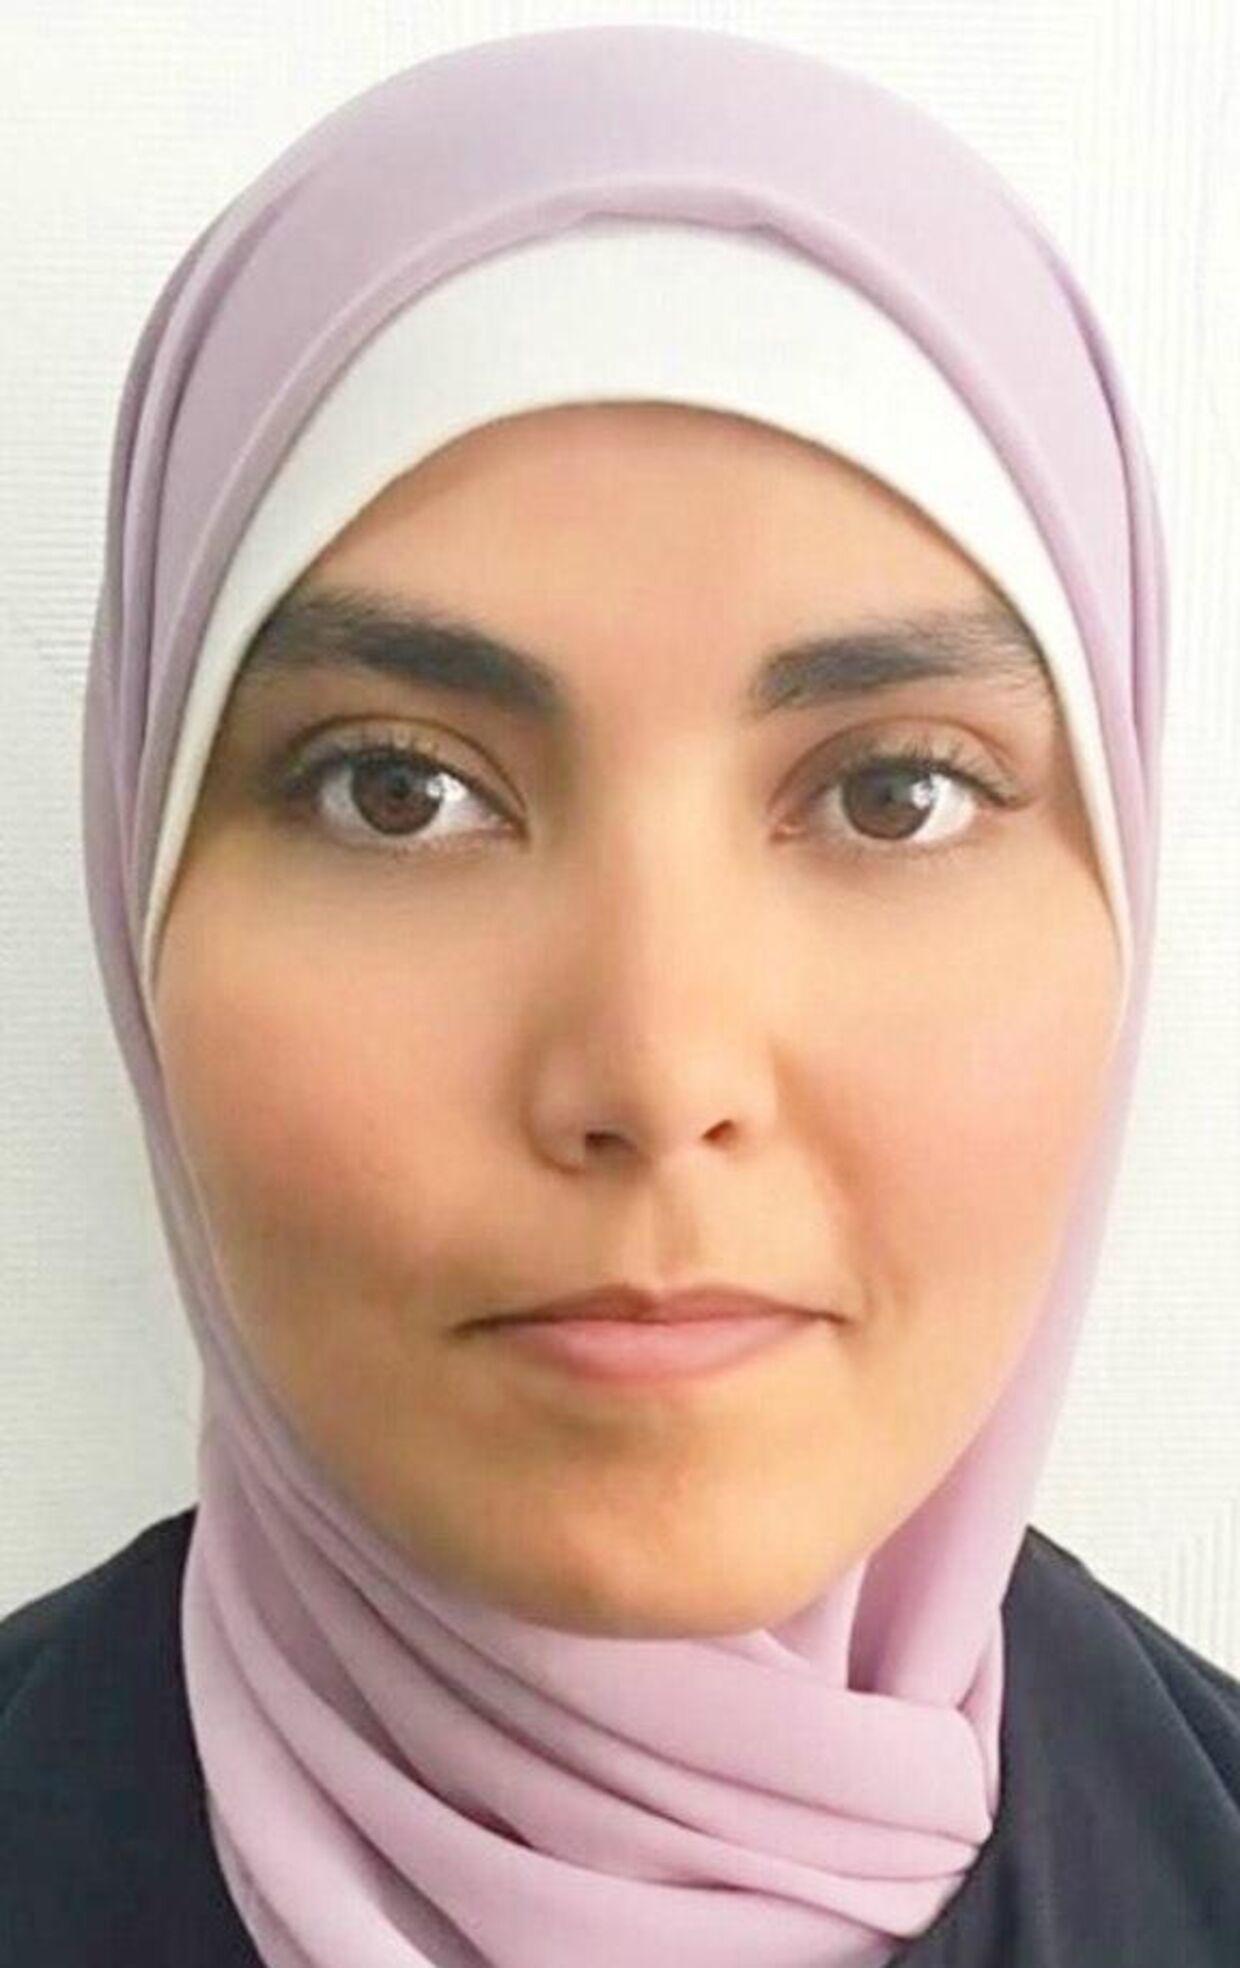 Samah Hammoude er enlig mor til to børn, en pige på syv og en dreng på seks.